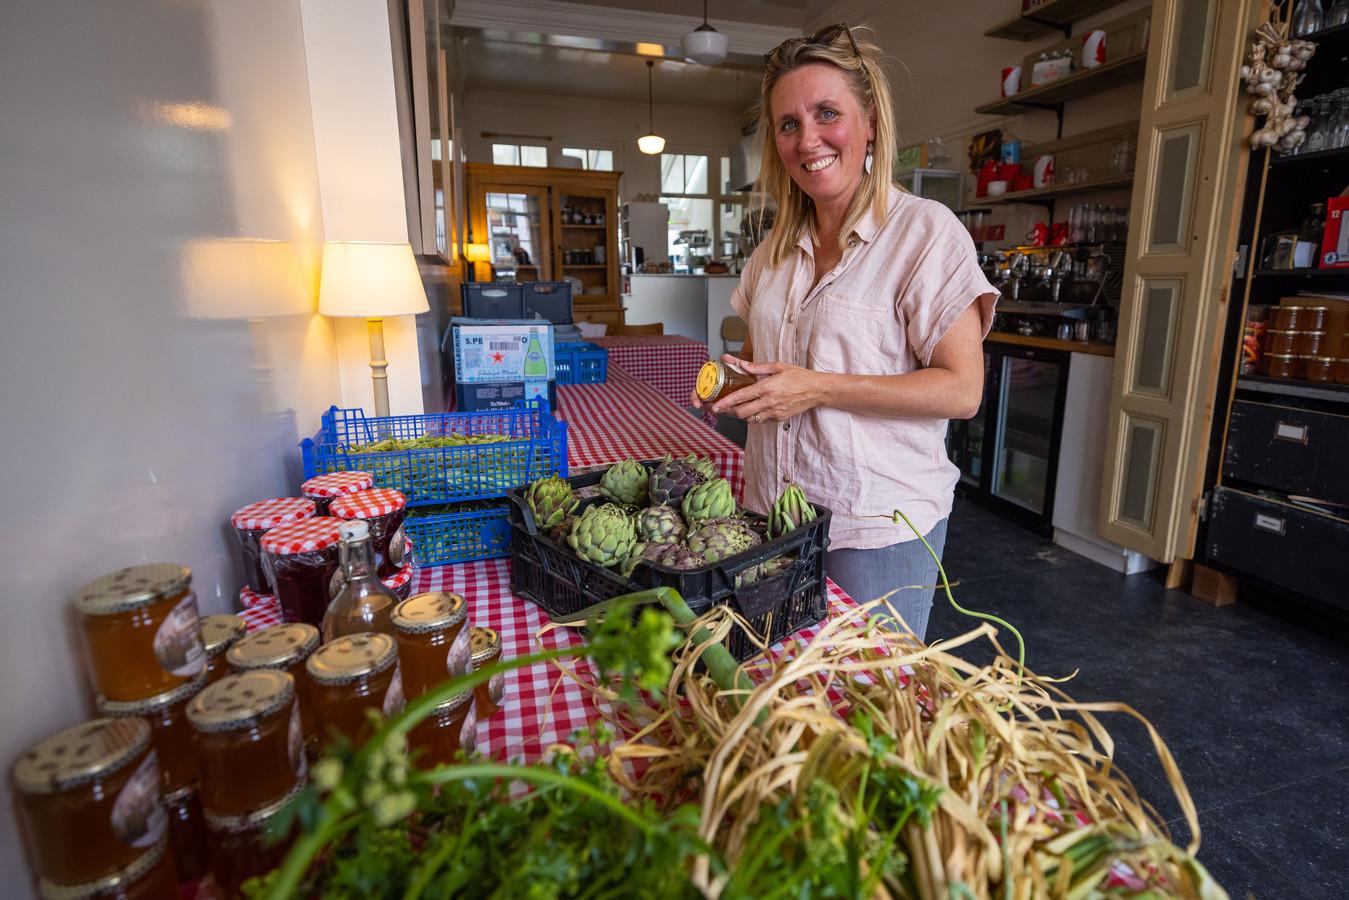 Het Bommels Bakhuys is even Pakhuis. Carlijne van Santvoort plakt de etiketten op de potjes honing in haar smalle restaurant aan de Gamerschestraat.